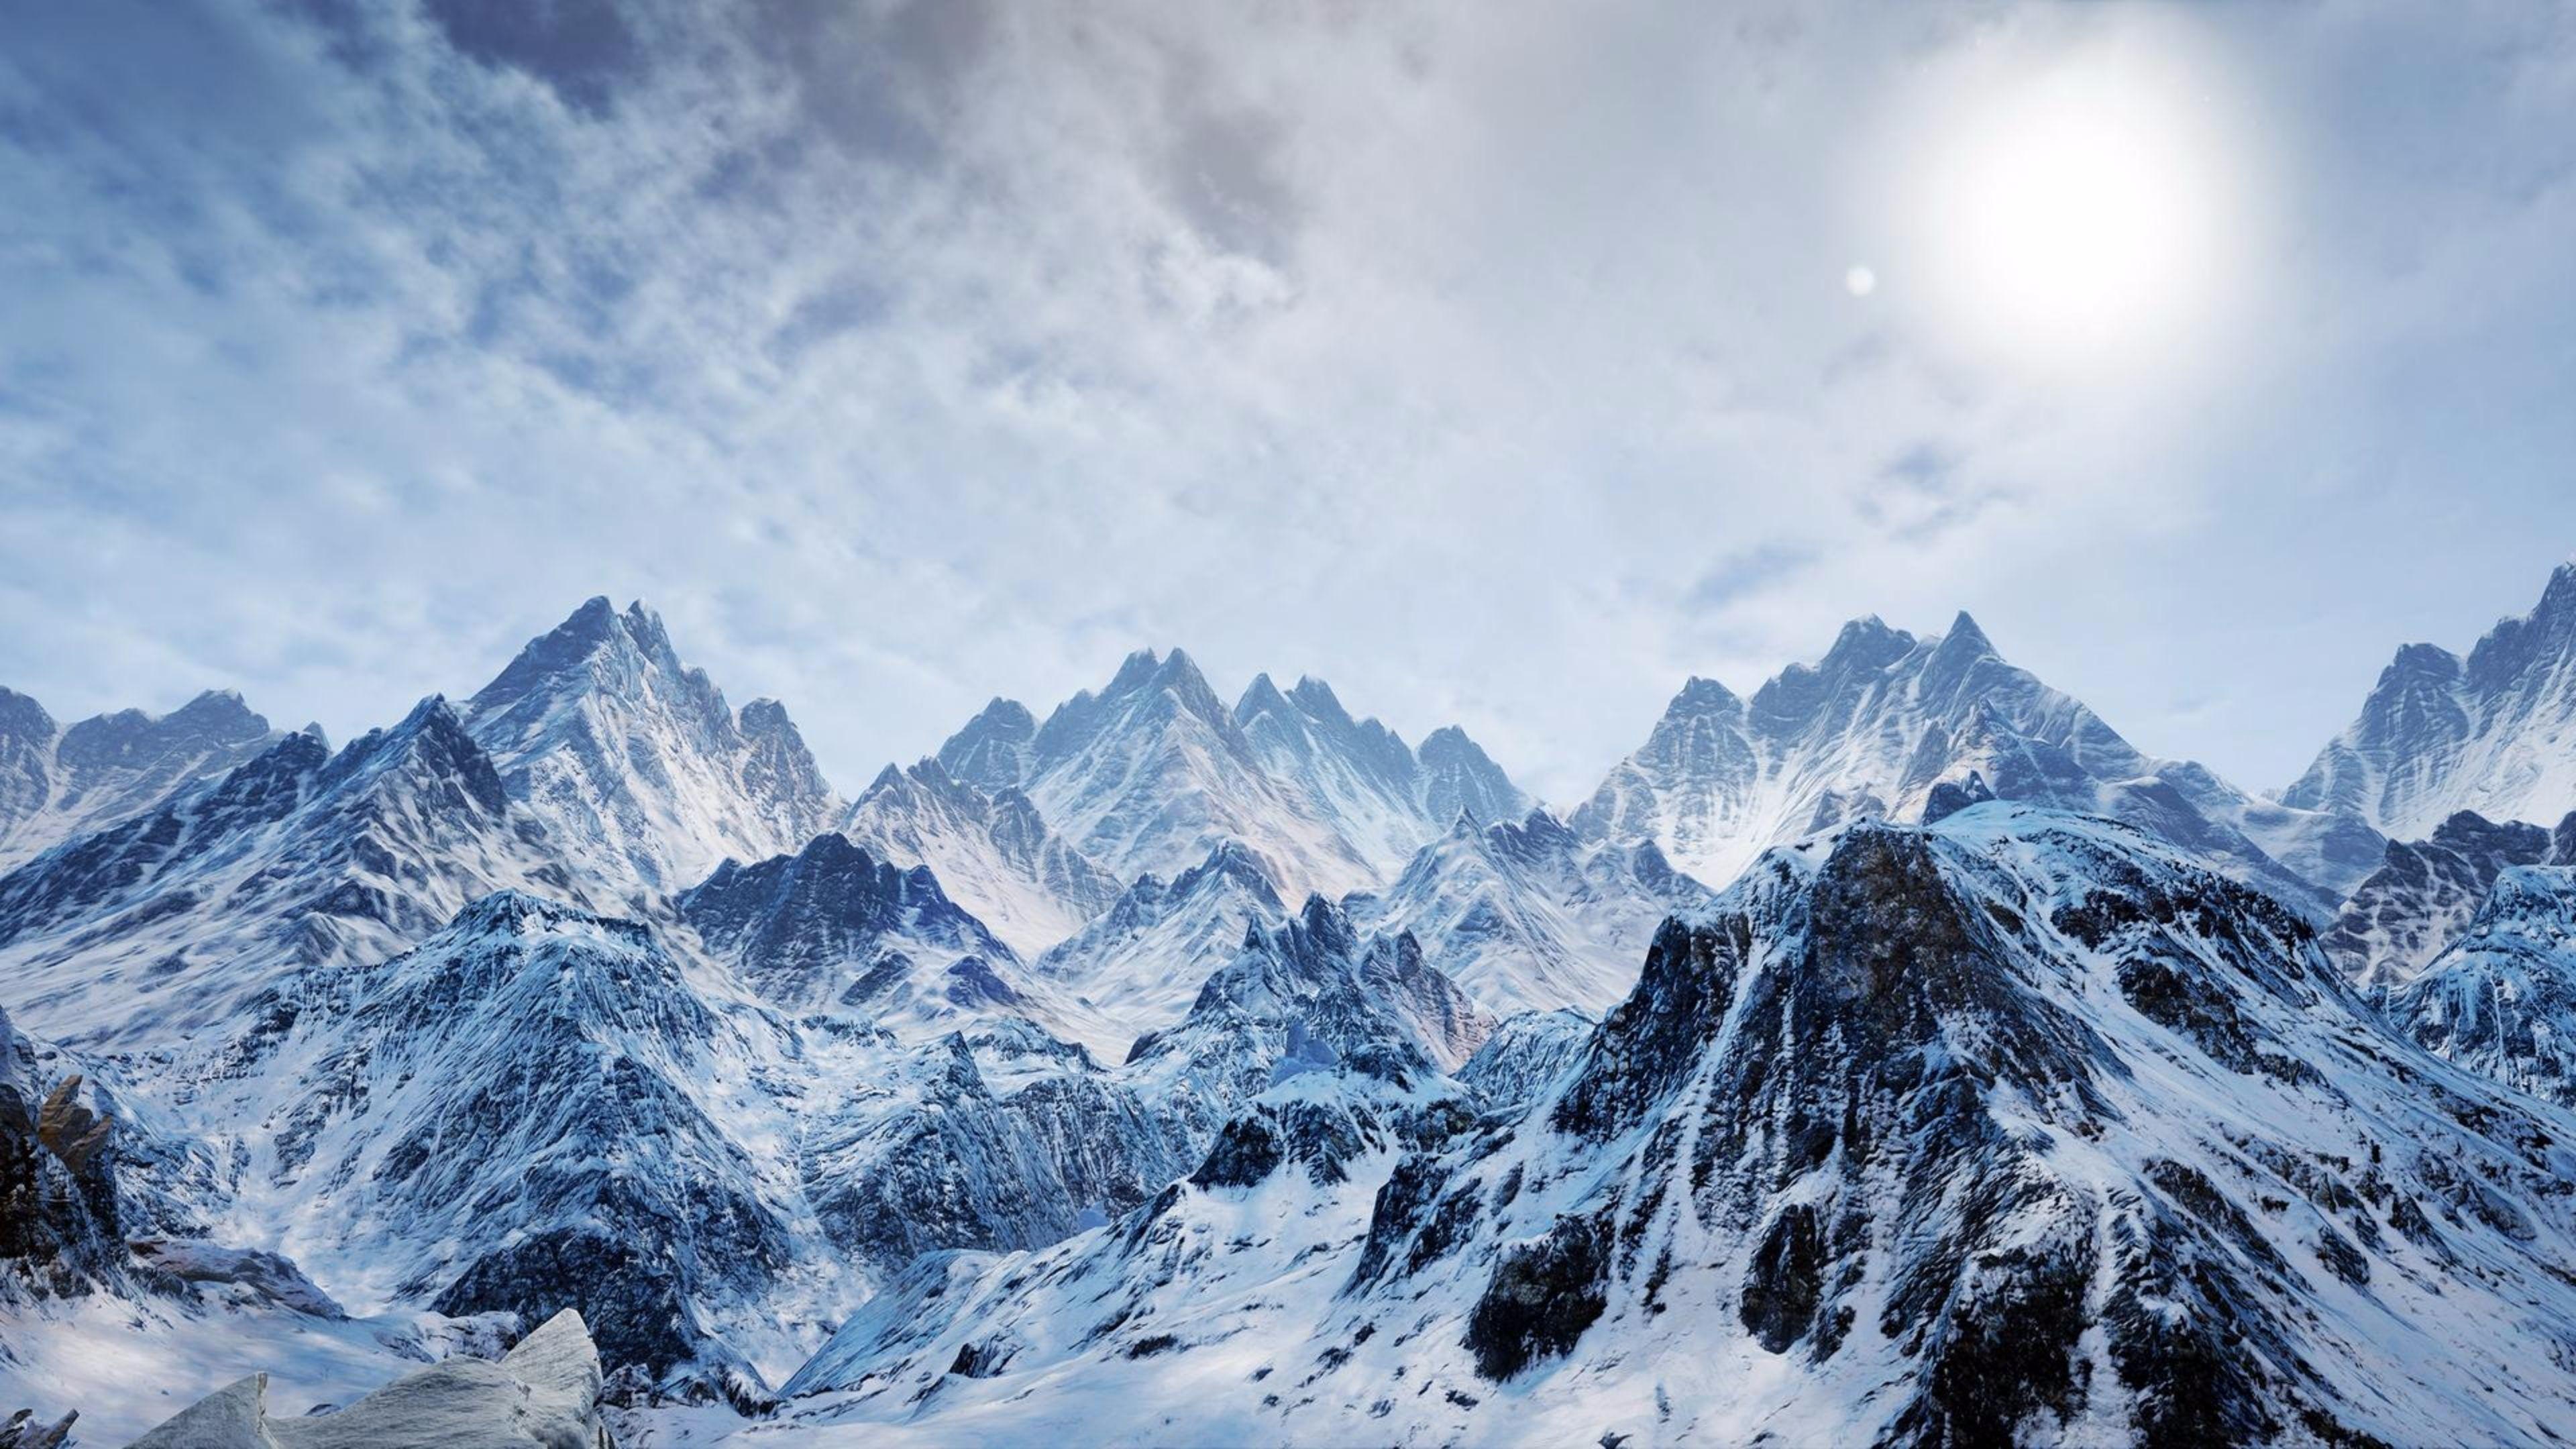 snowy mountain wallpaper 4k photos